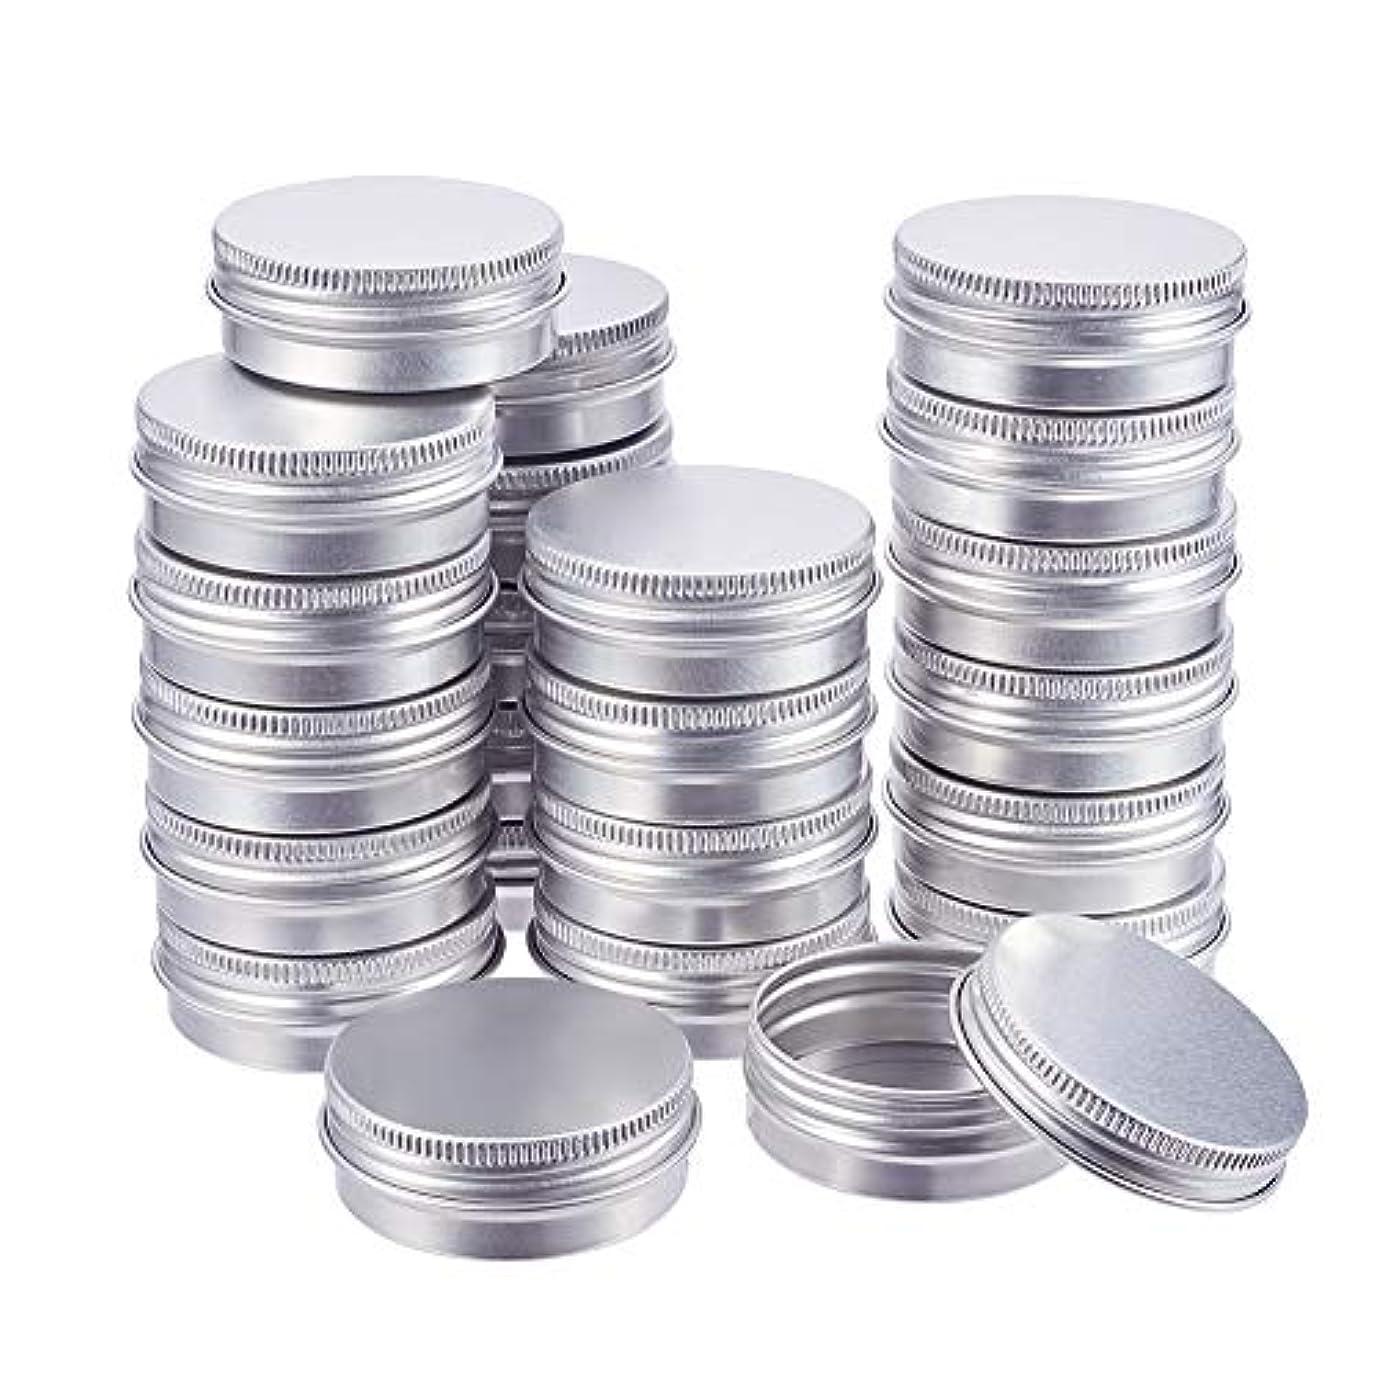 敬意を表する神の絶対のBENECREAT 30個セット30mlアルミ缶 アルミネジキャップ缶 小分け容器 詰め替え容器 クリームケース 化粧品 クリーム 小物用収納ボックス シルバー